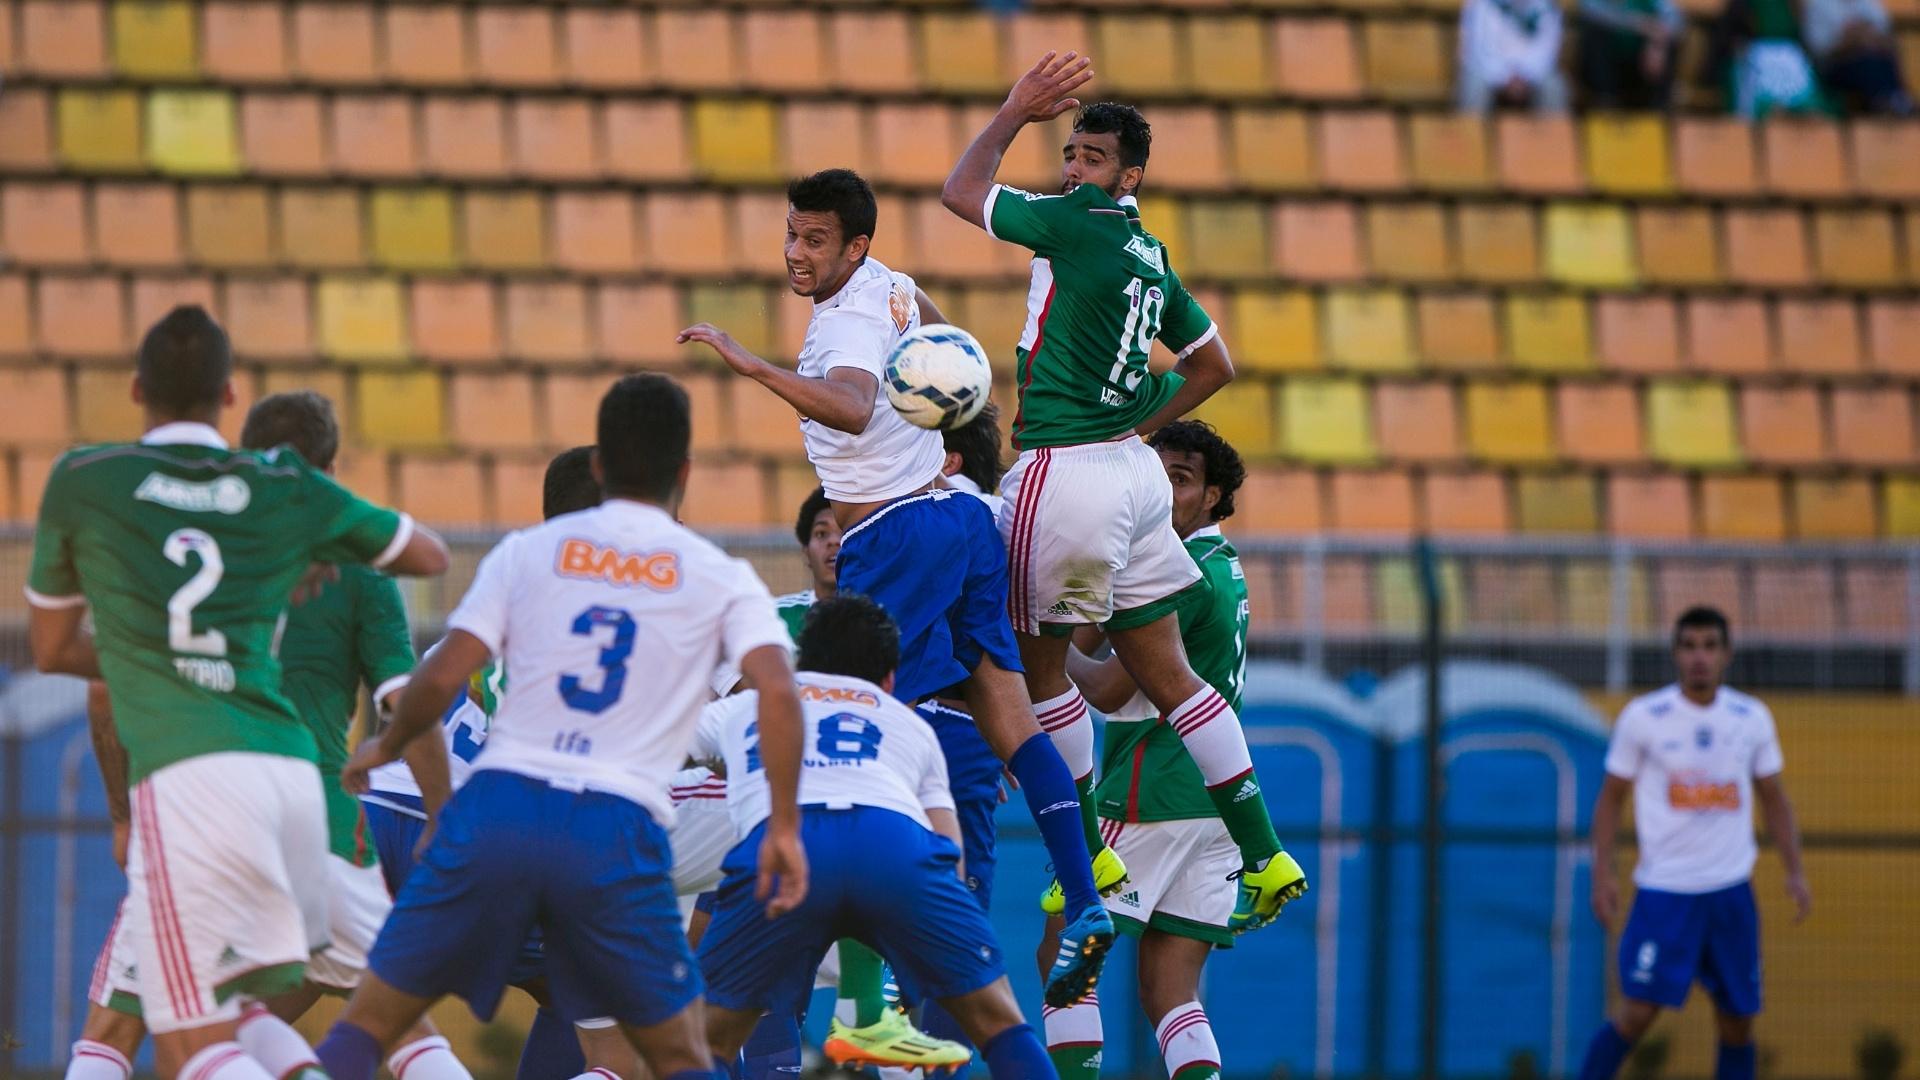 Jogadores de Palmeiras e Cruzeiro disputam lance pelo alto durante jogo no Pacaembu